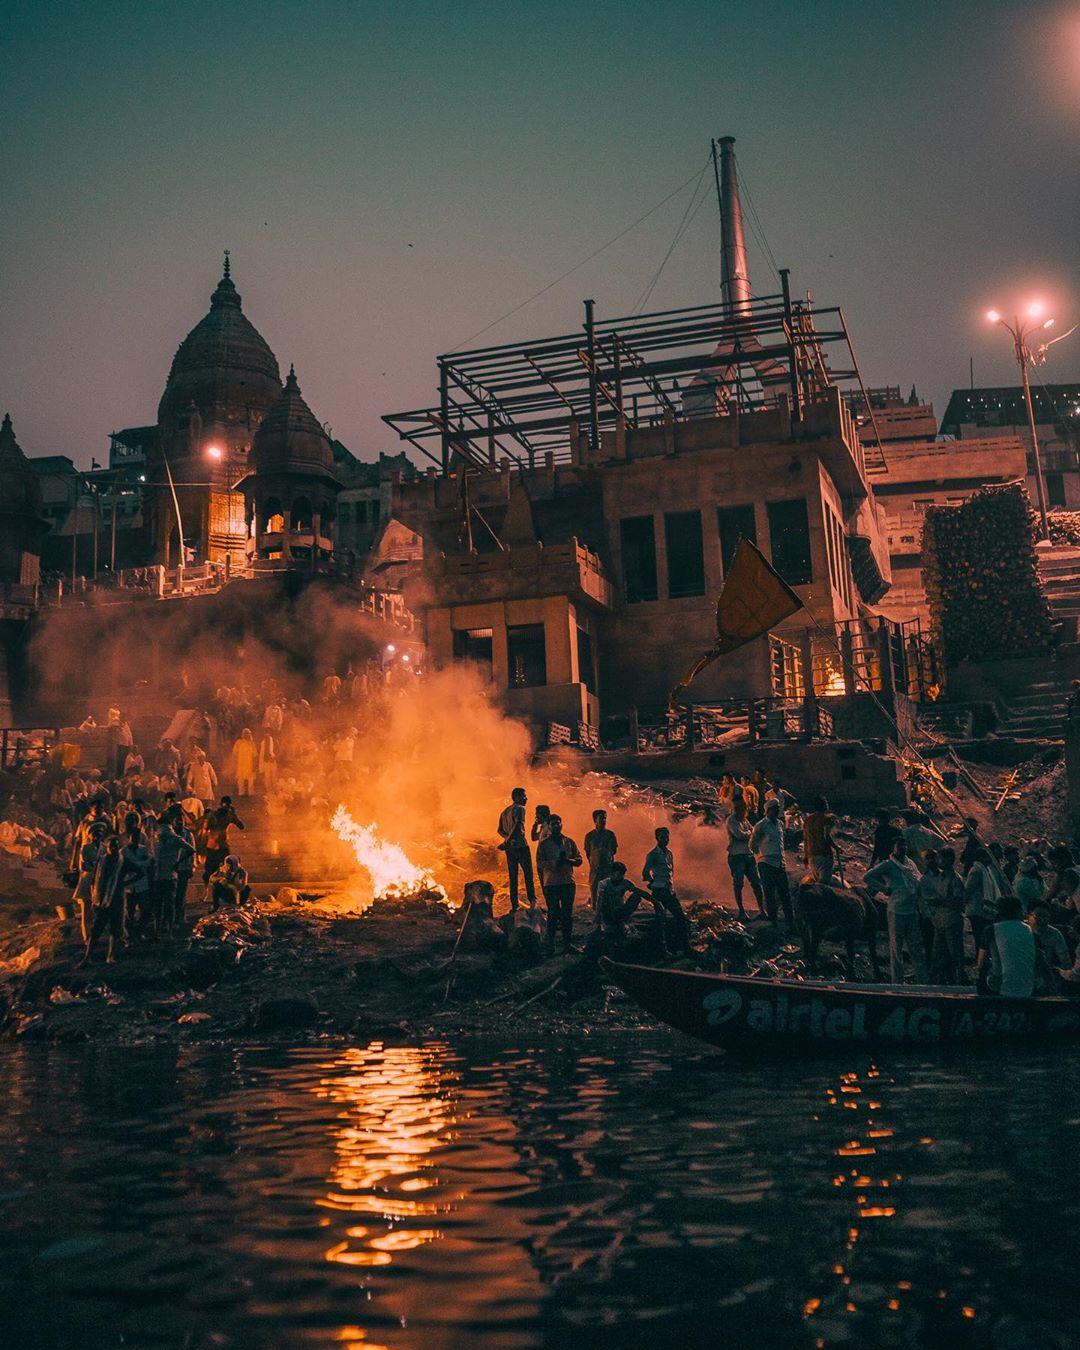 Manikarnika - The burning ghat of Varanasi